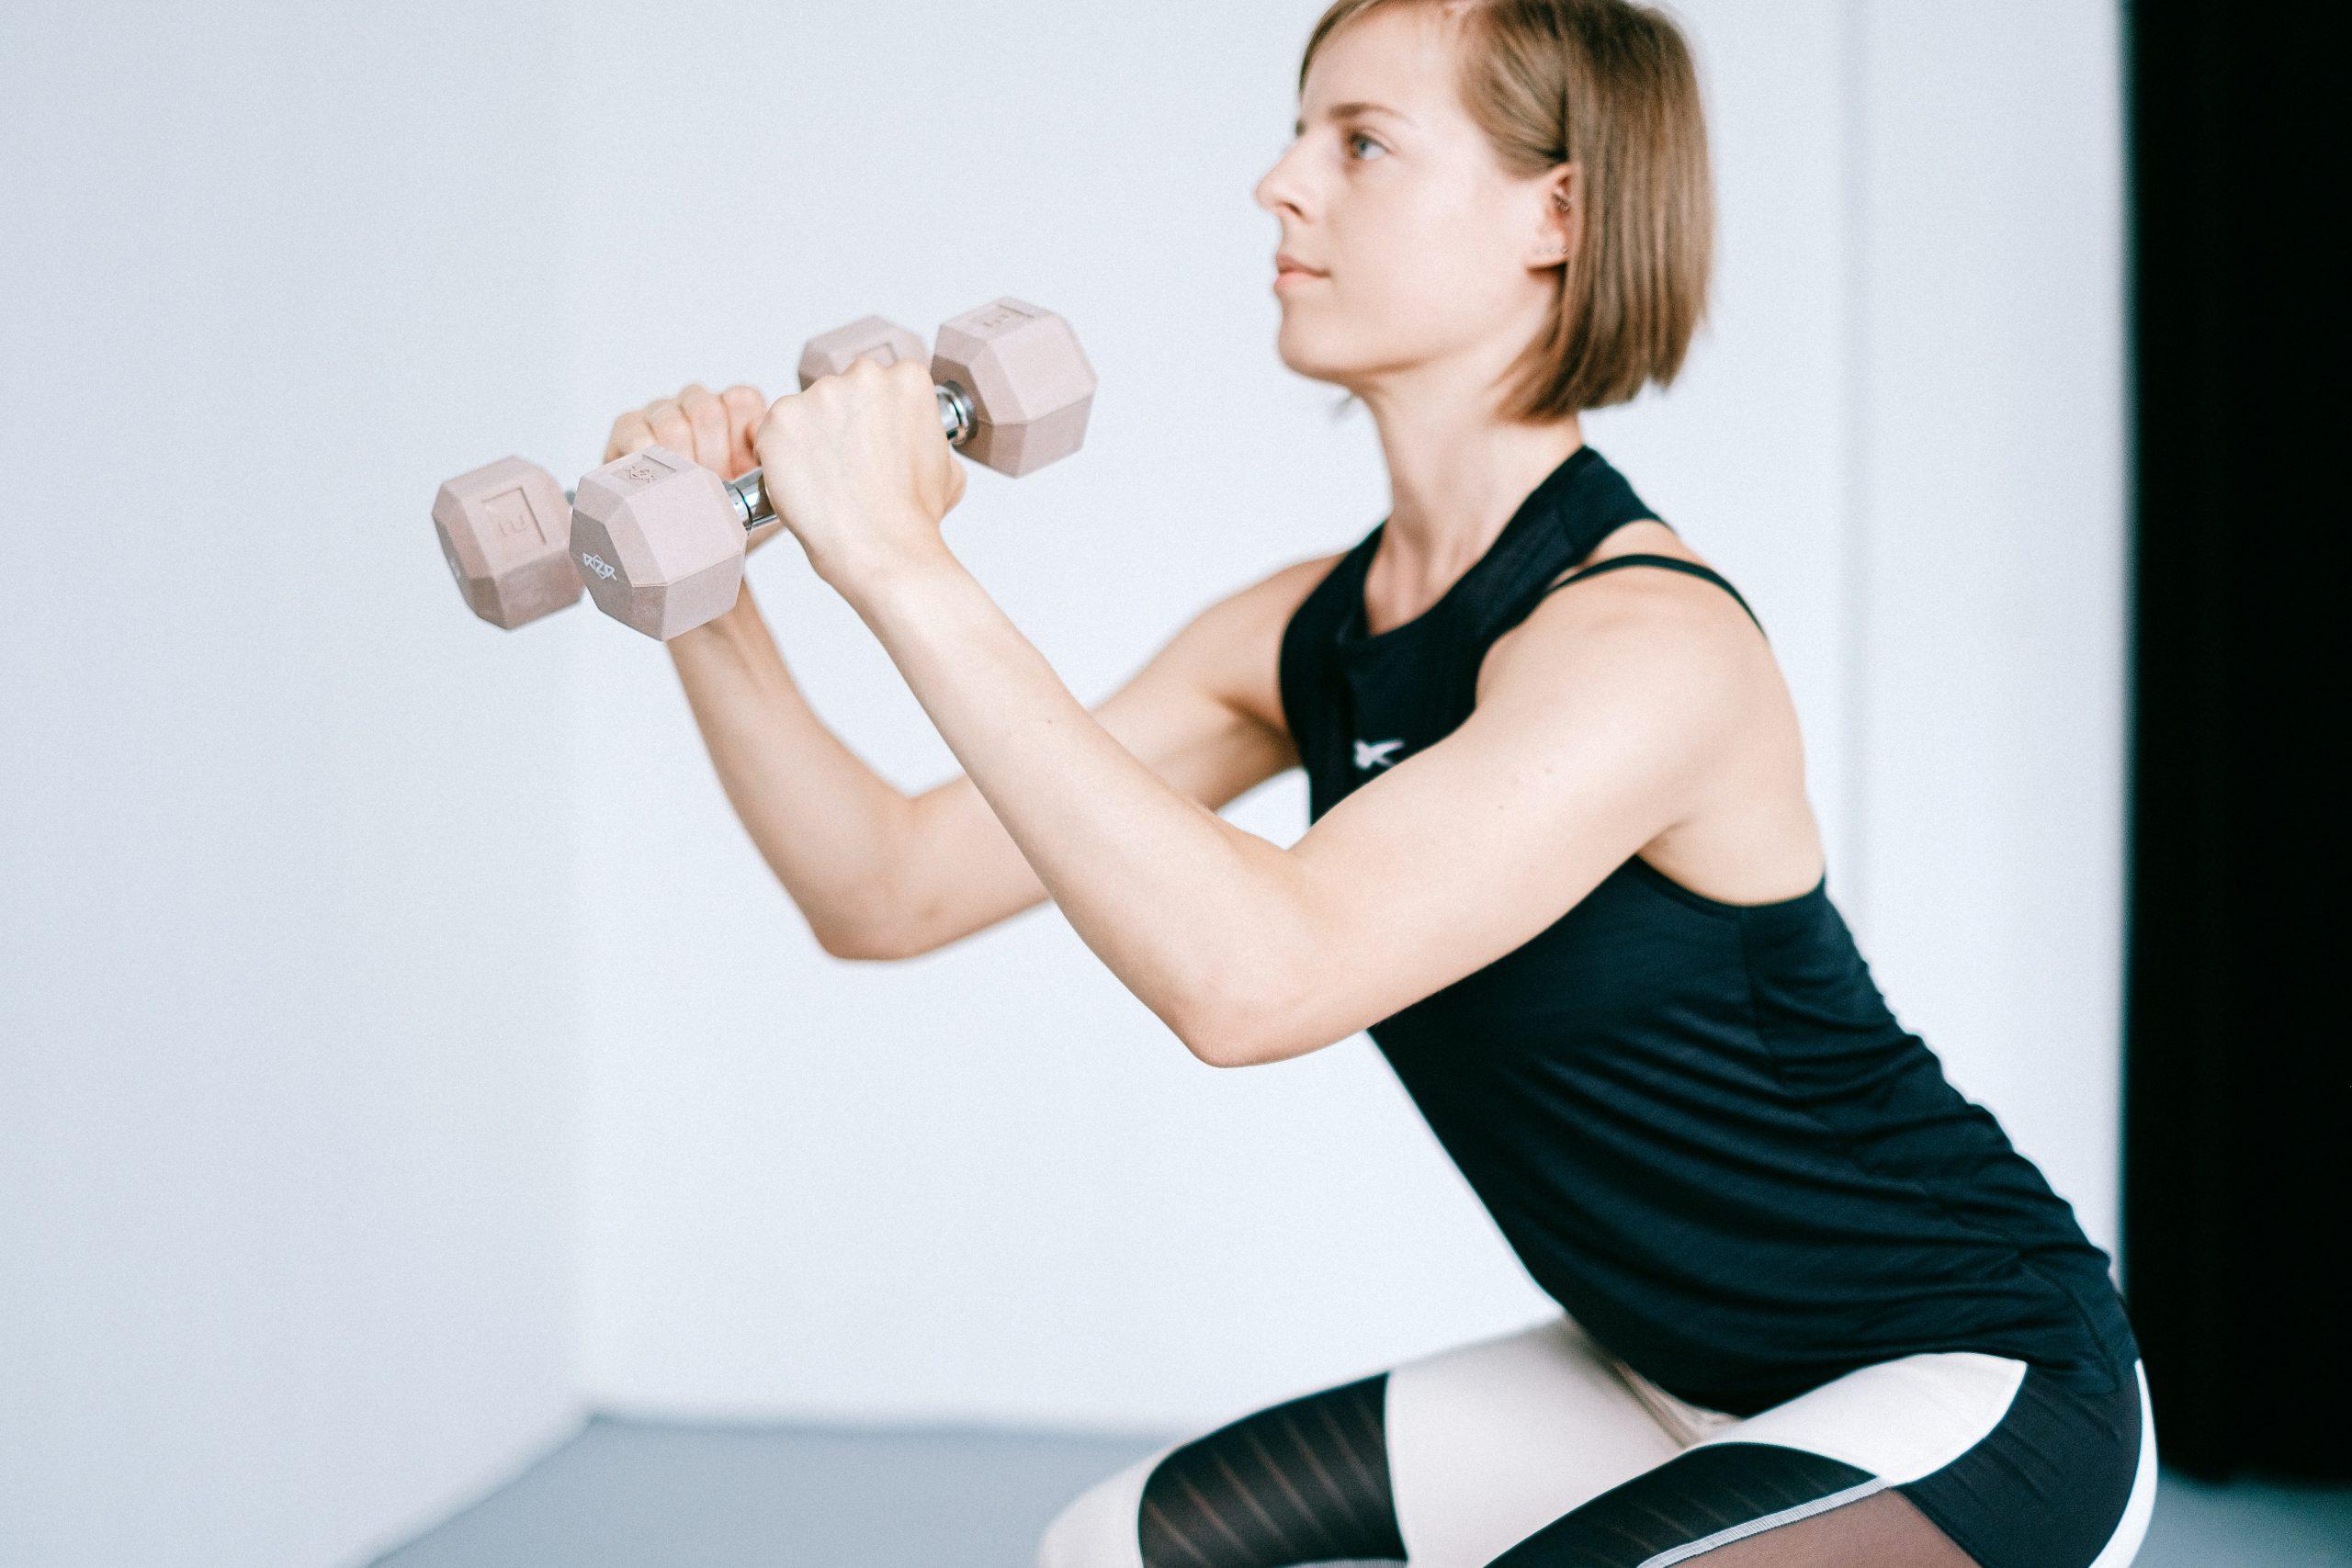 Ejercicios con mancuernas para fortalecer los glúteos en casa